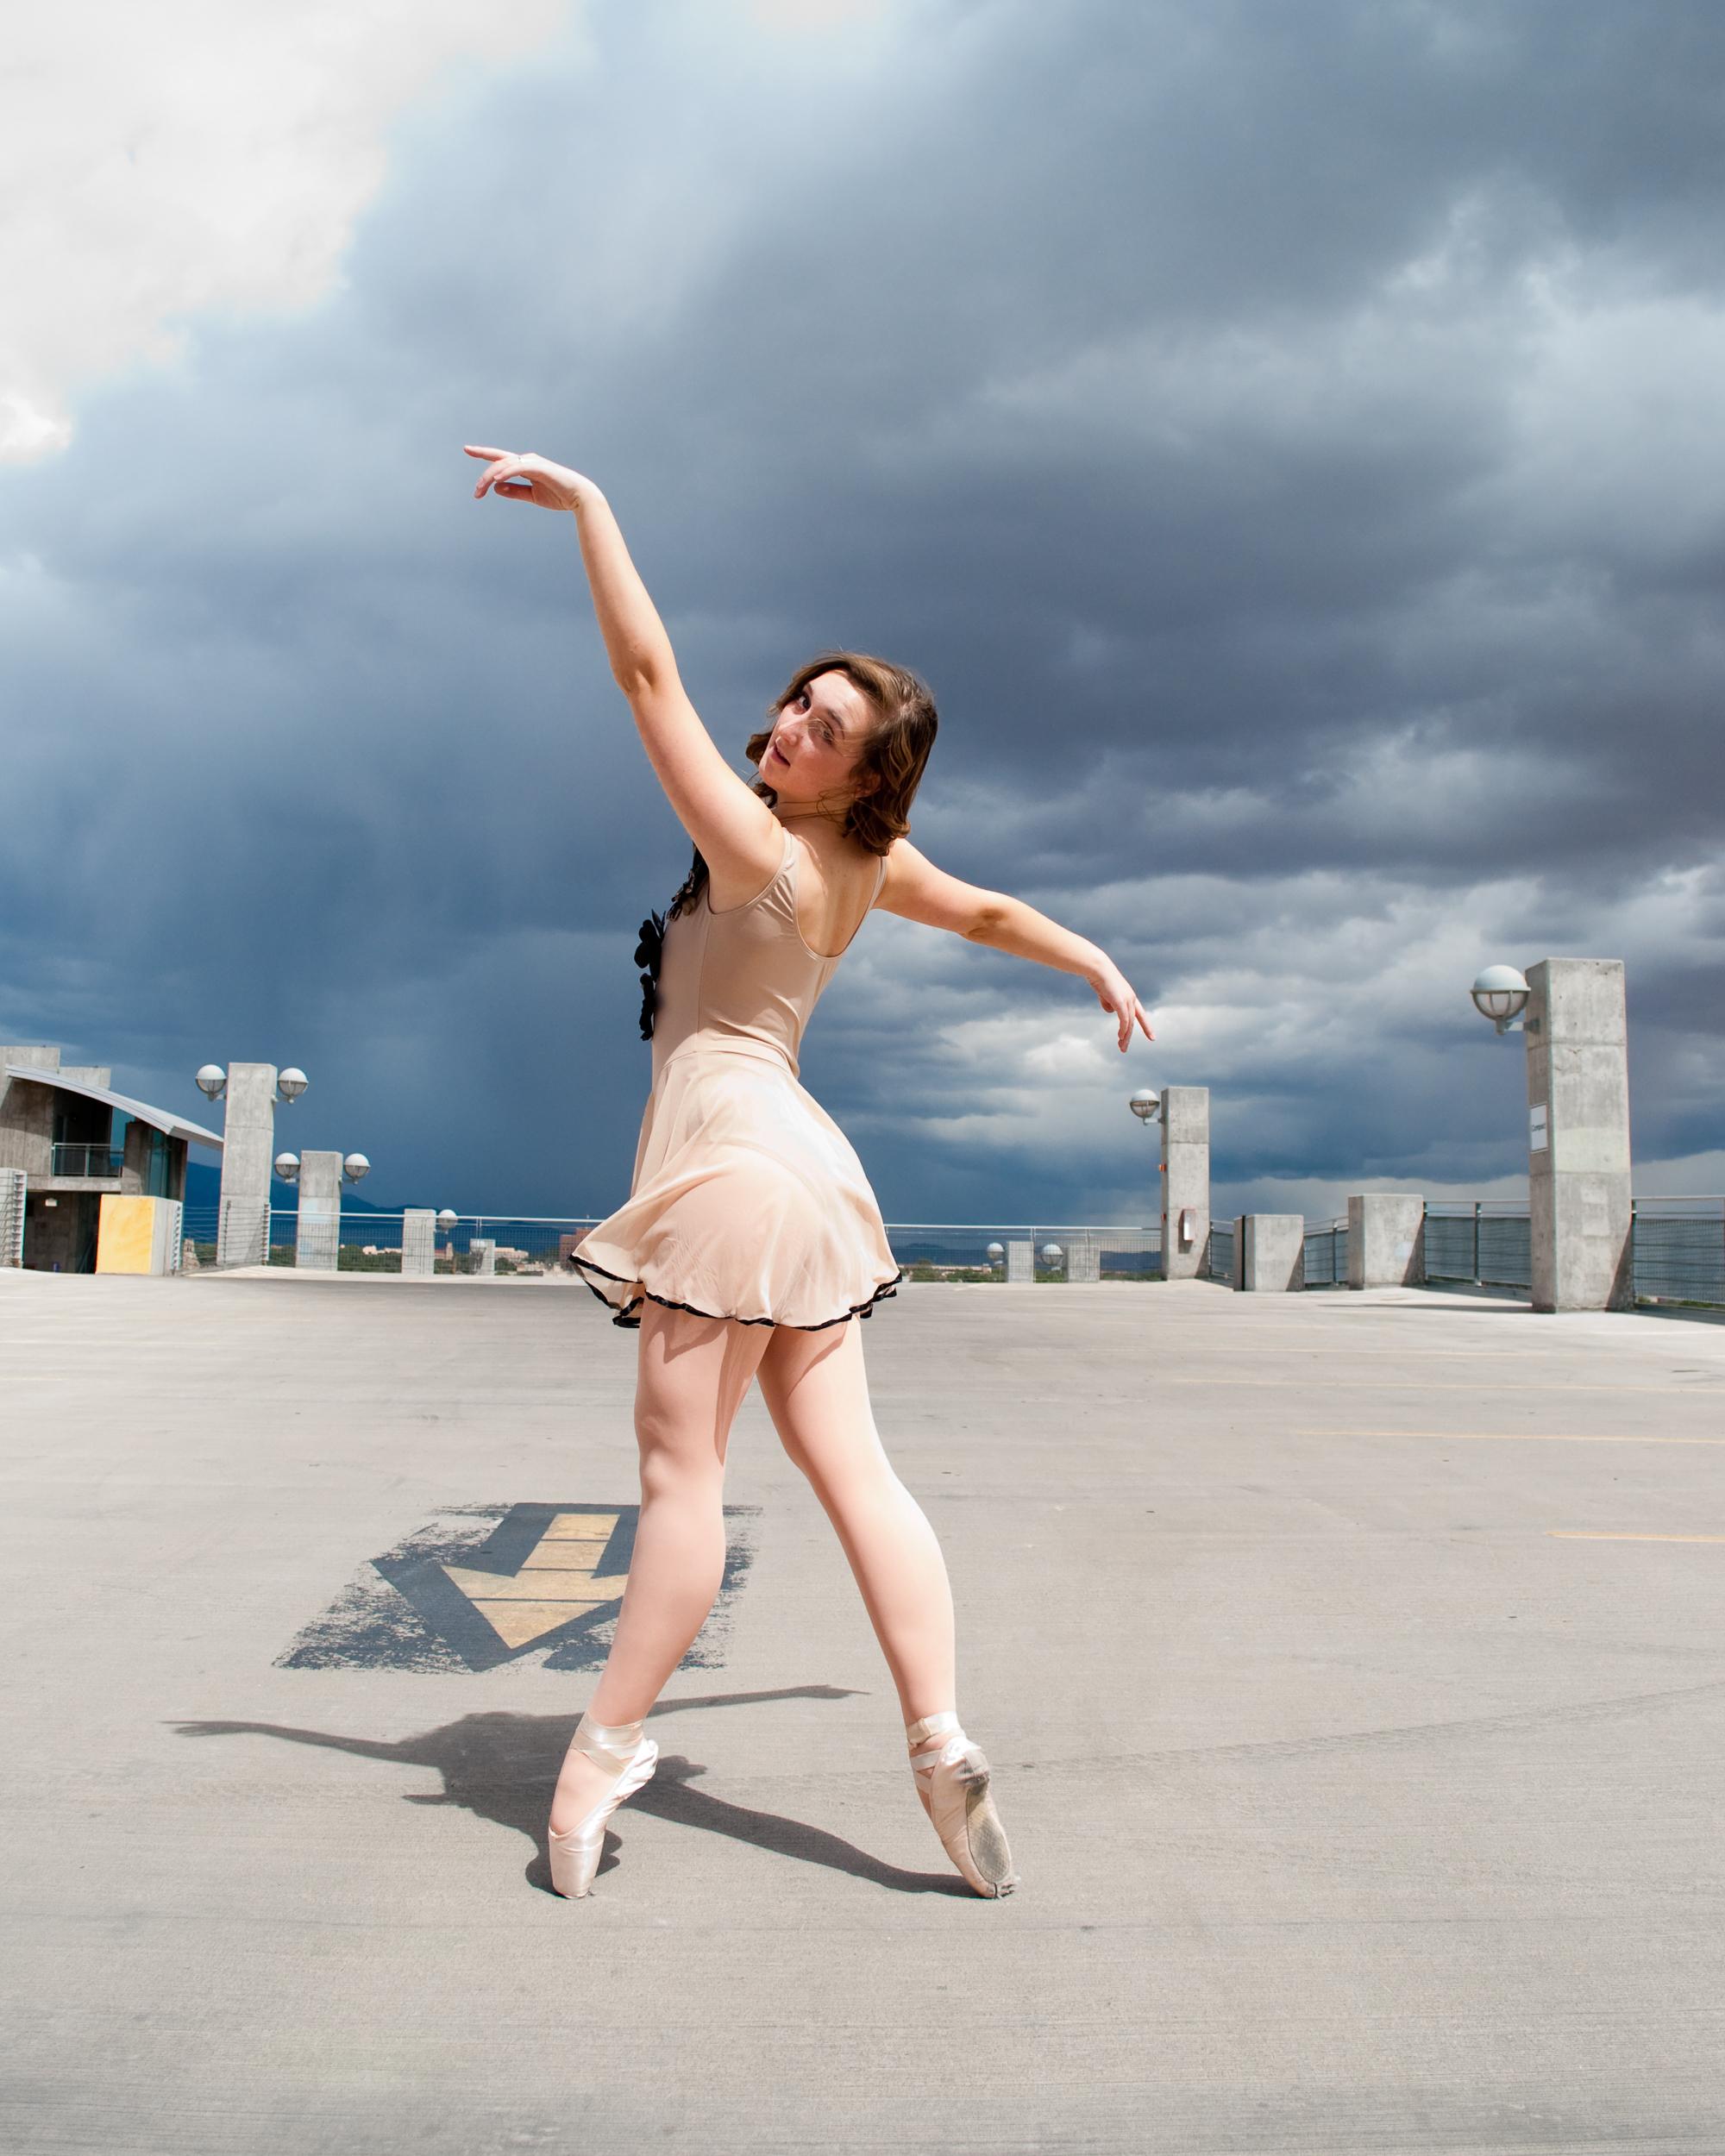 52-colorado-ballet-photographer-colorado-yoga-photographer-colorado-dance-photographer-denver-dance-photographer-denver-yoga-photographer-traveling-dance-photographerSophiaEdwards_Ballet_127.jpg